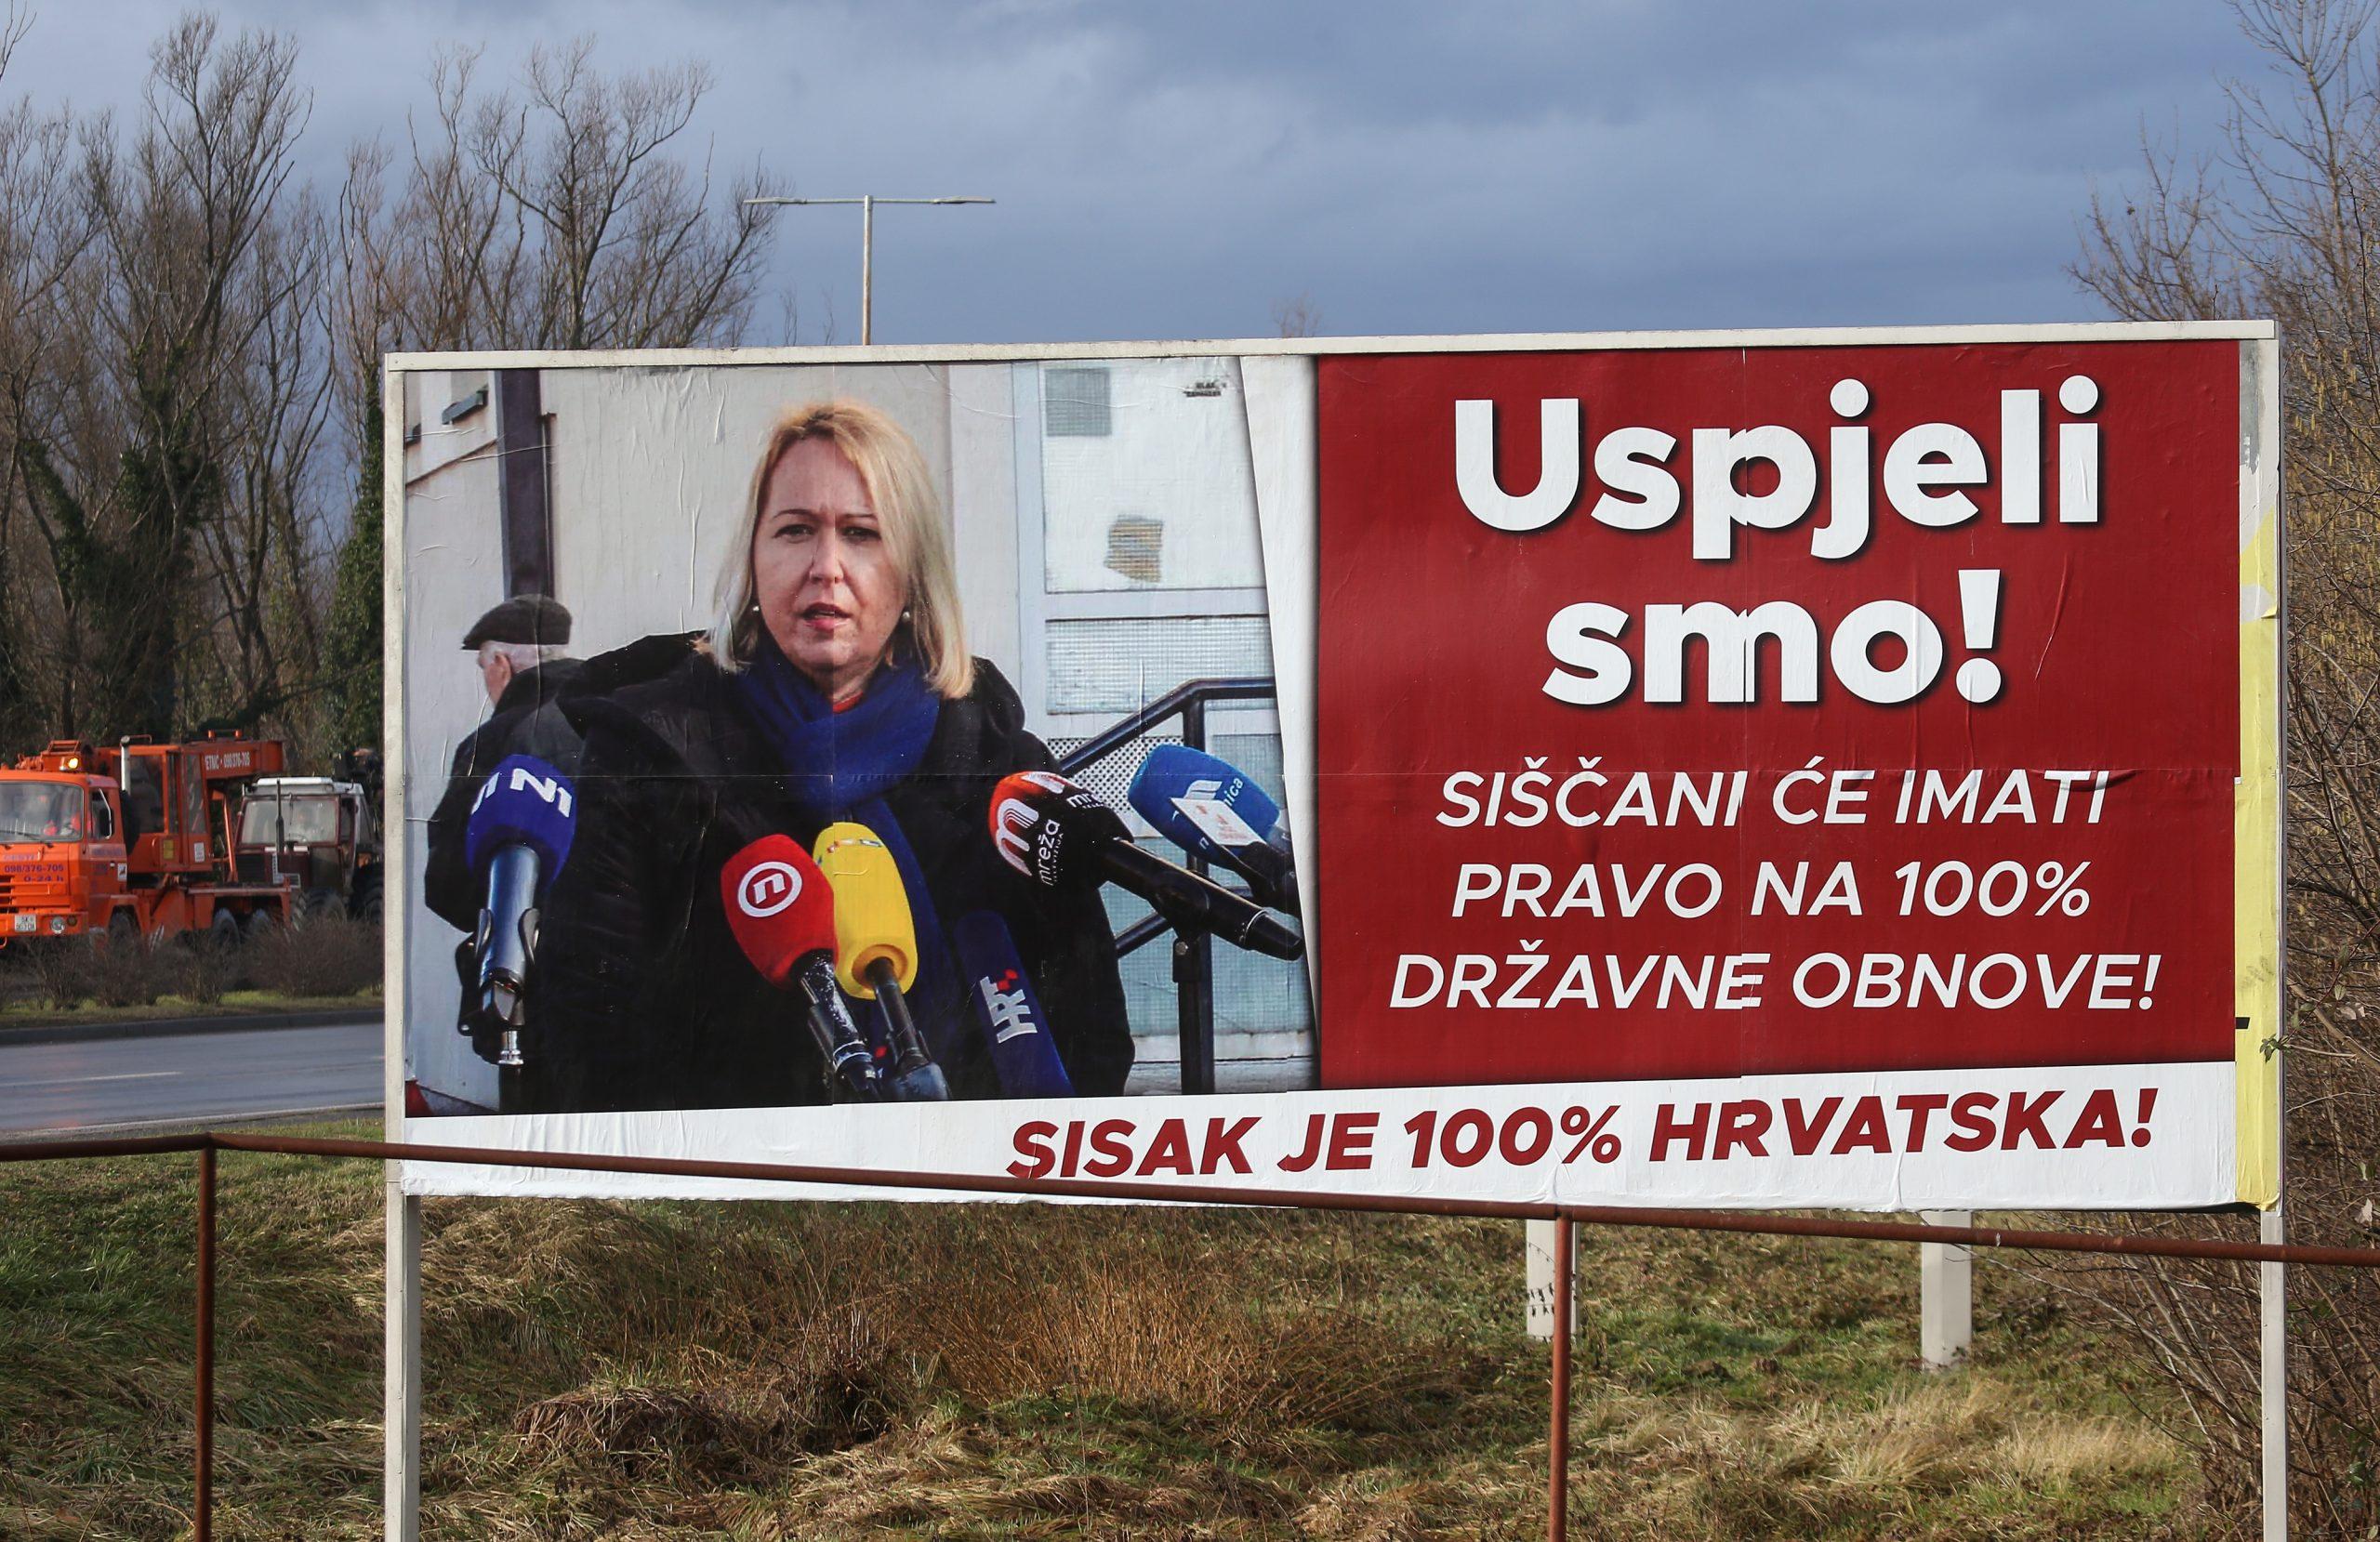 Foto Zeljko Lukunic/PIXSELL